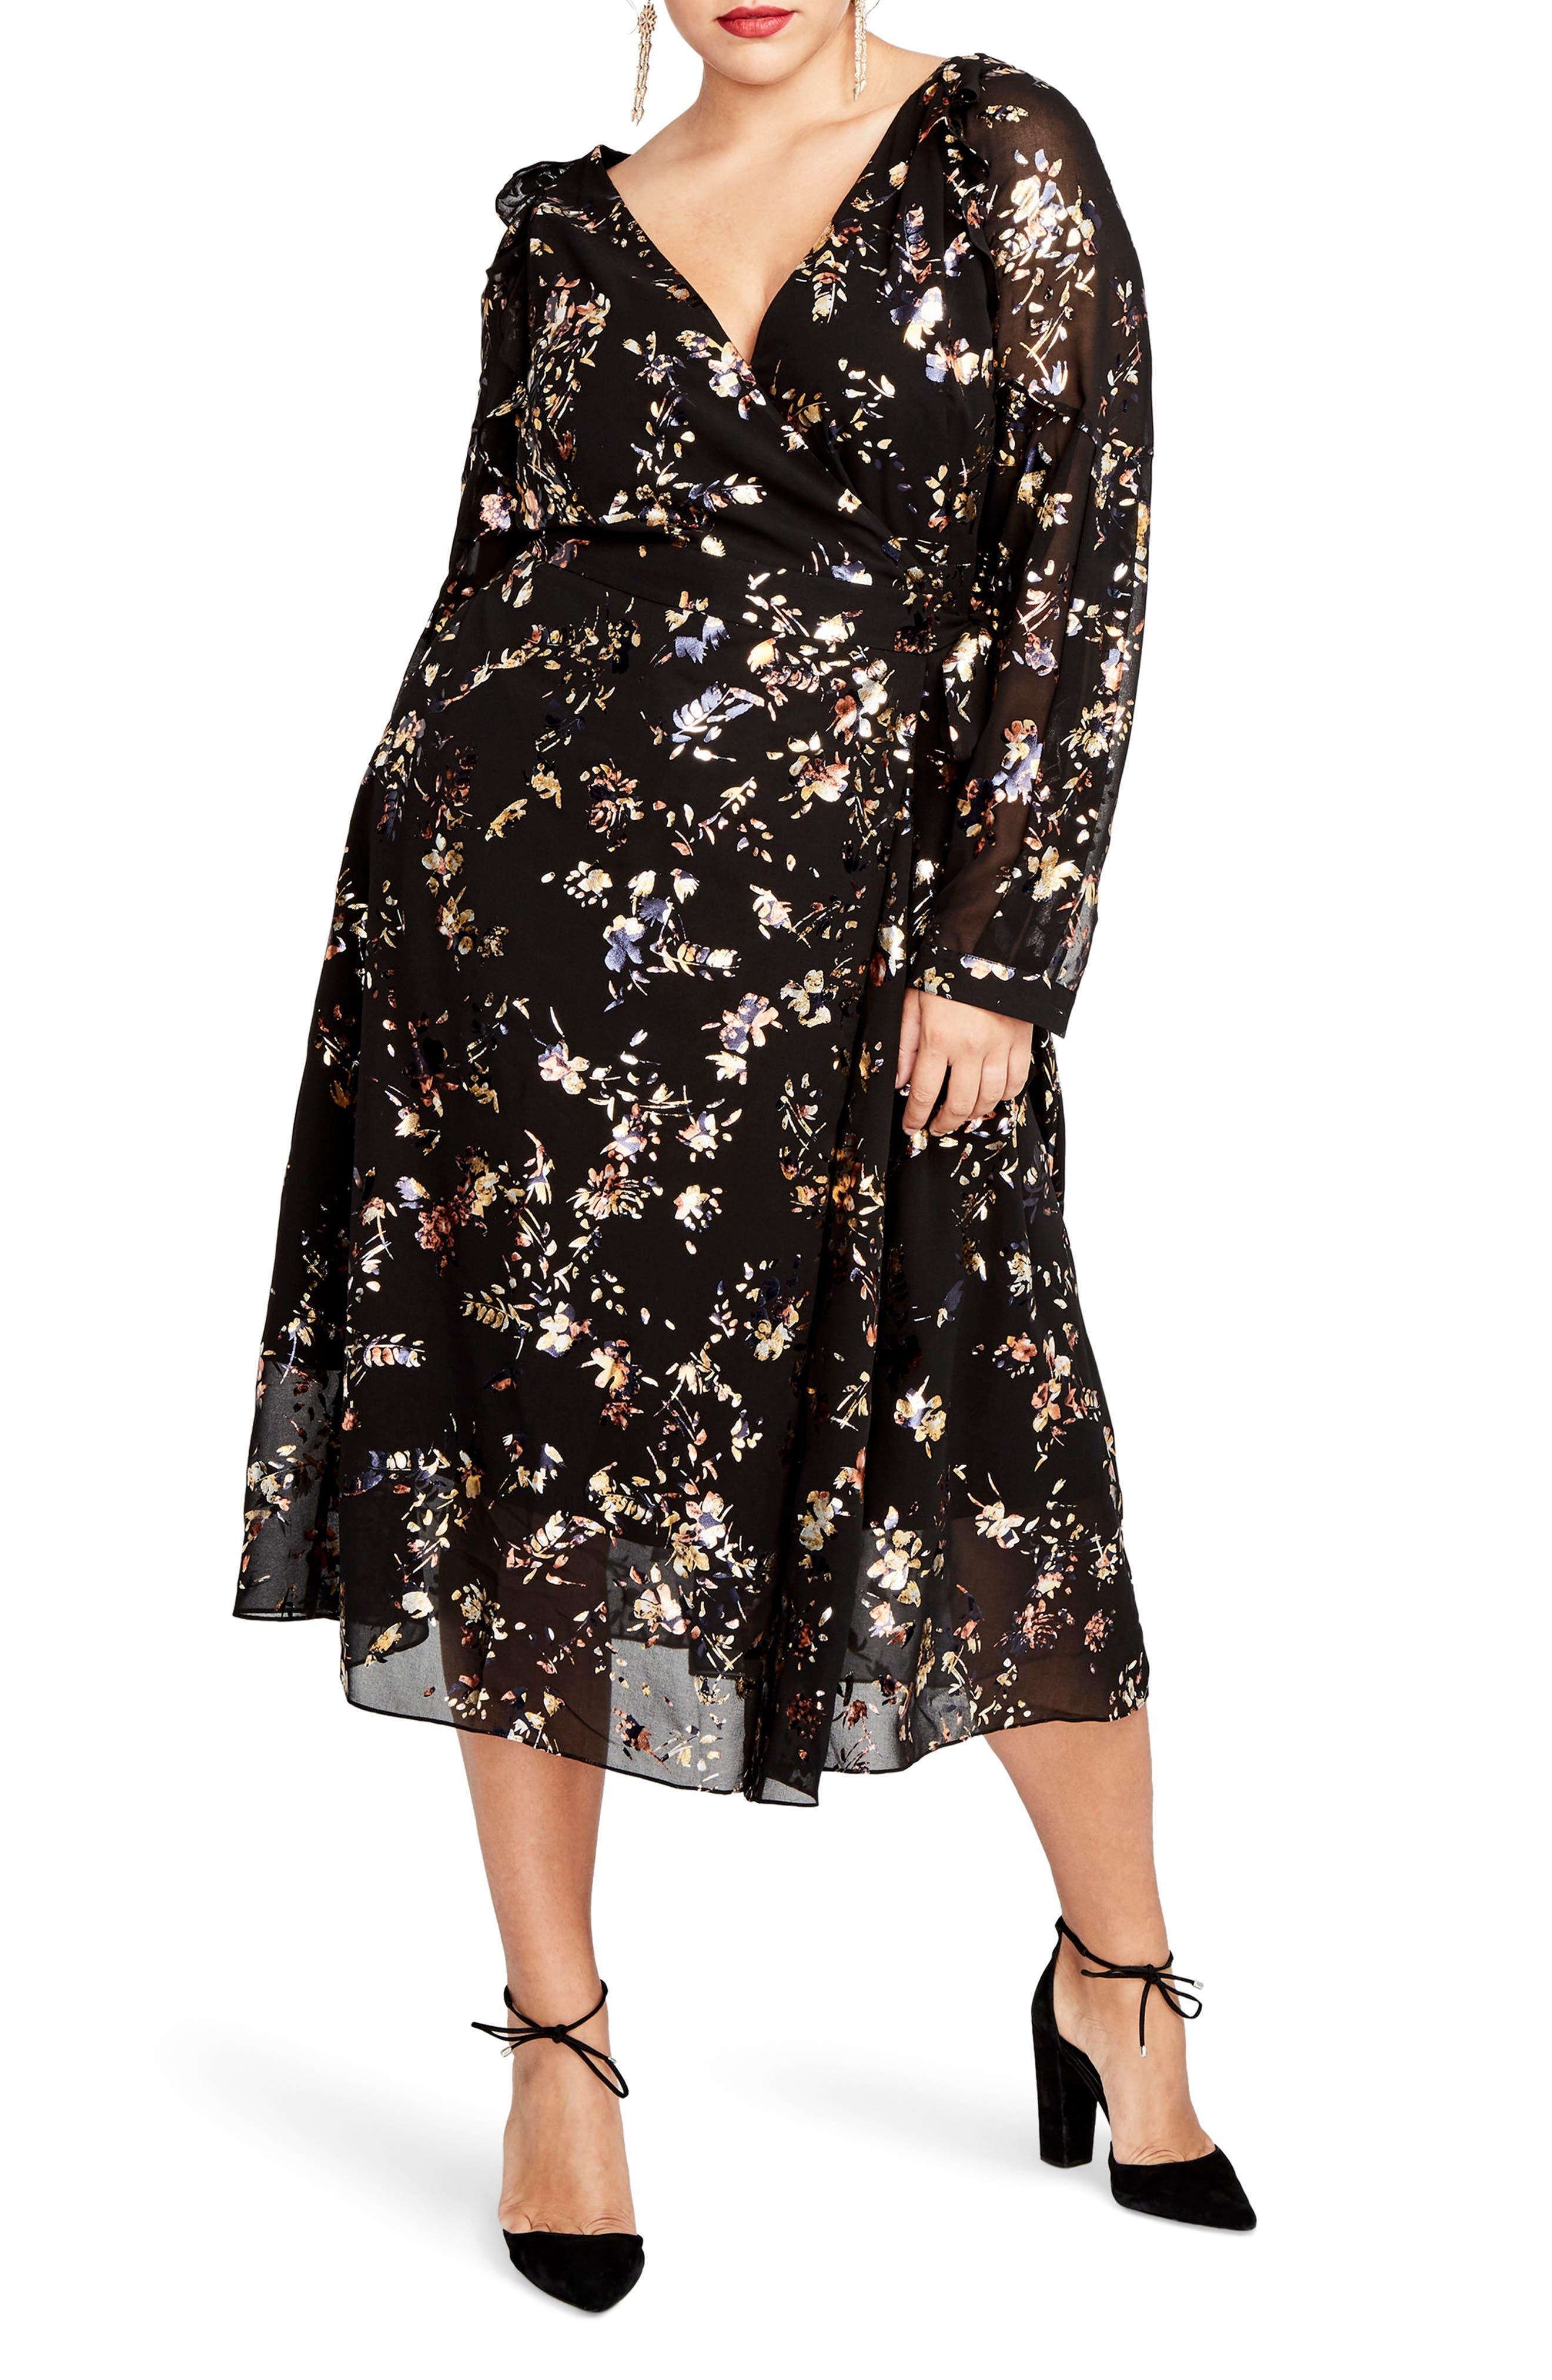 Alternate Image 1 Selected - RACHEL Rachel Roy Foiled Floral Faux Wrap Dress (Plus Size)